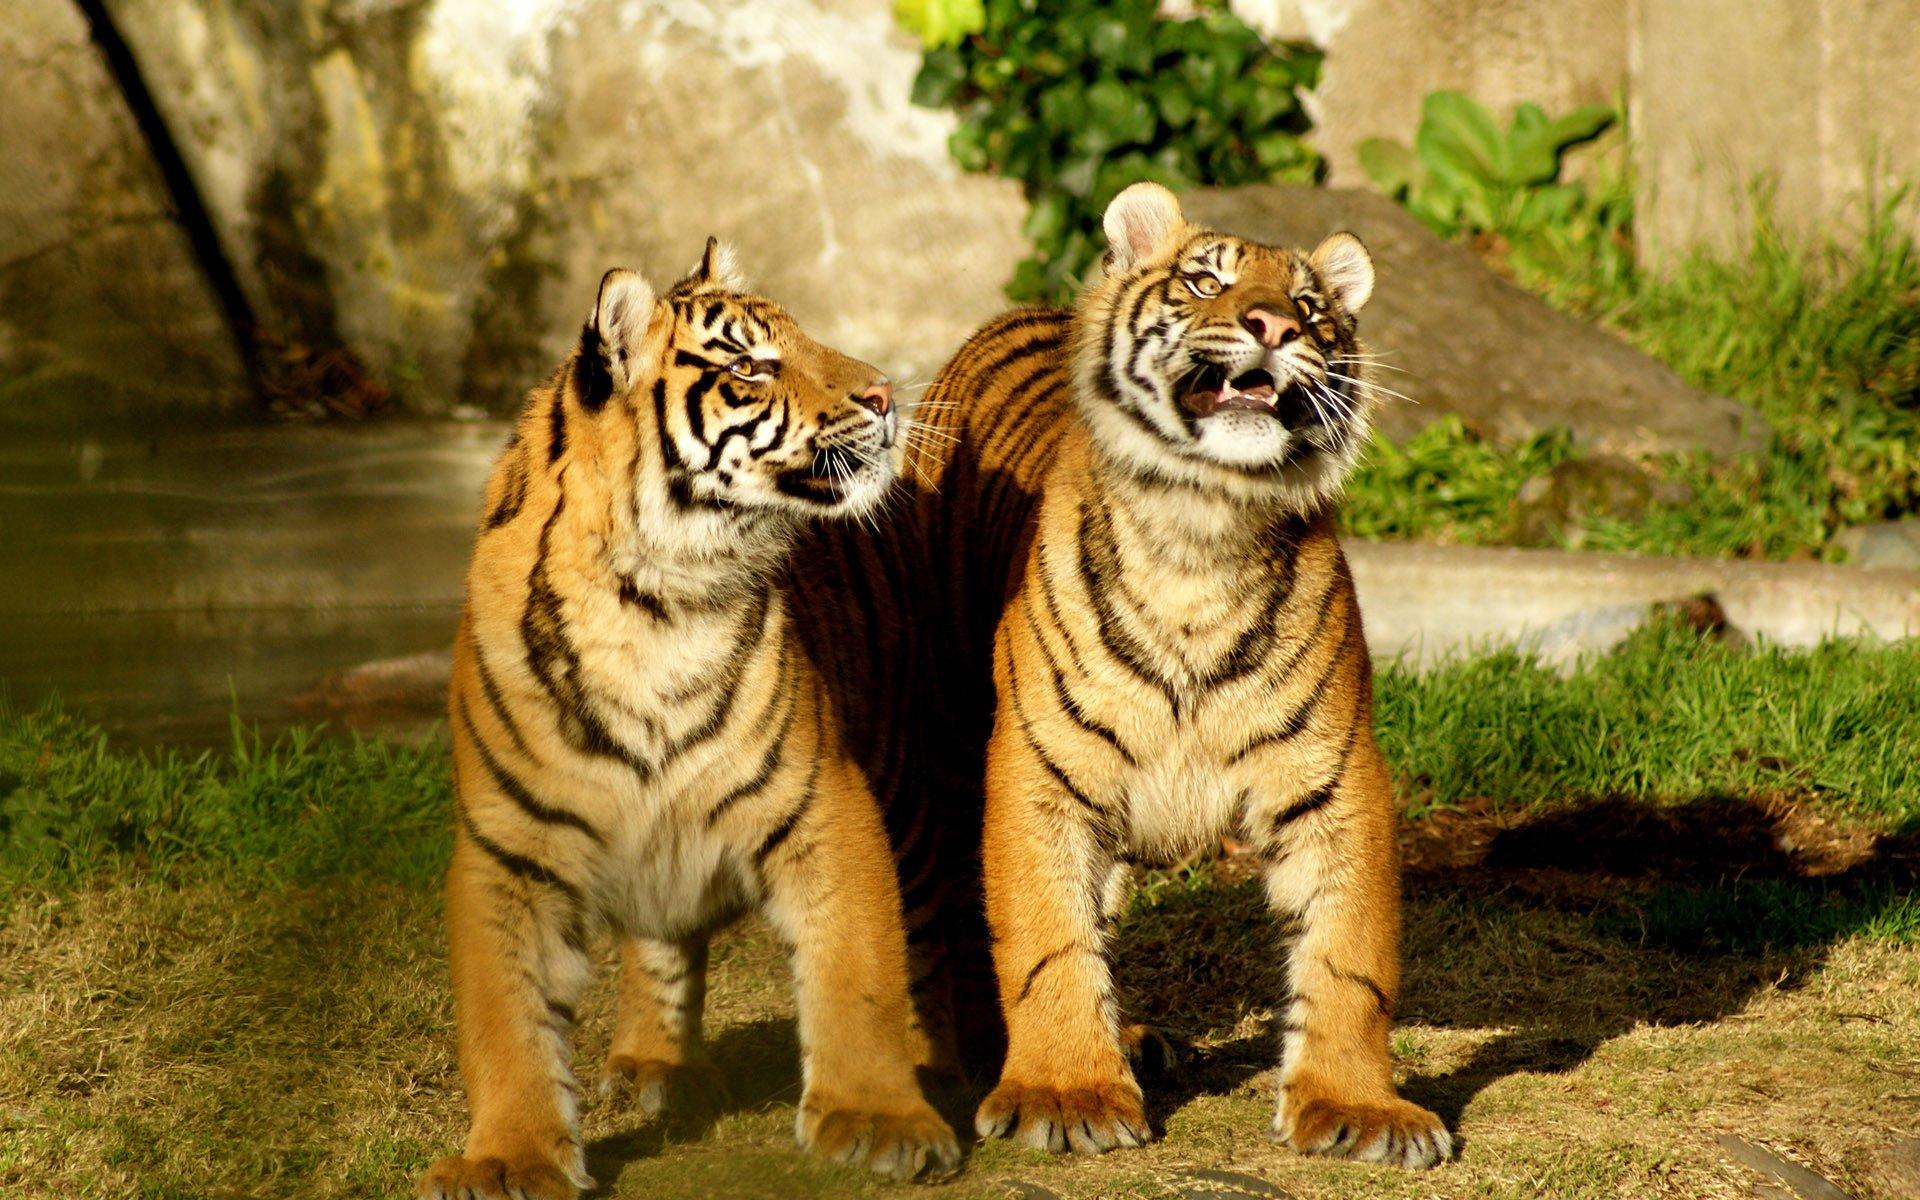 природа животные тигры  № 99211 загрузить